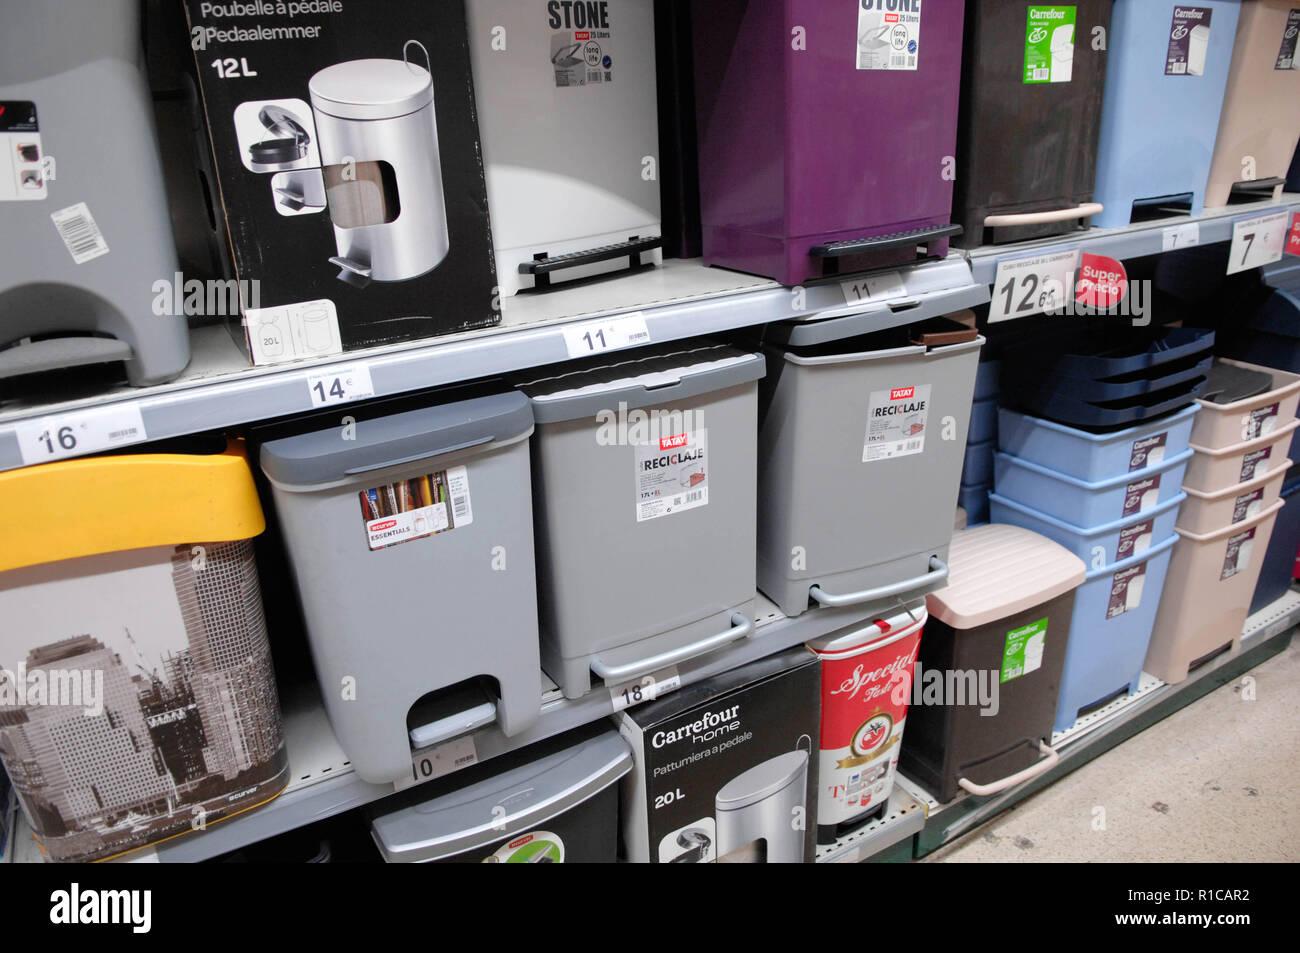 Pedaalemmer,dust bin,trash can - Stock Image